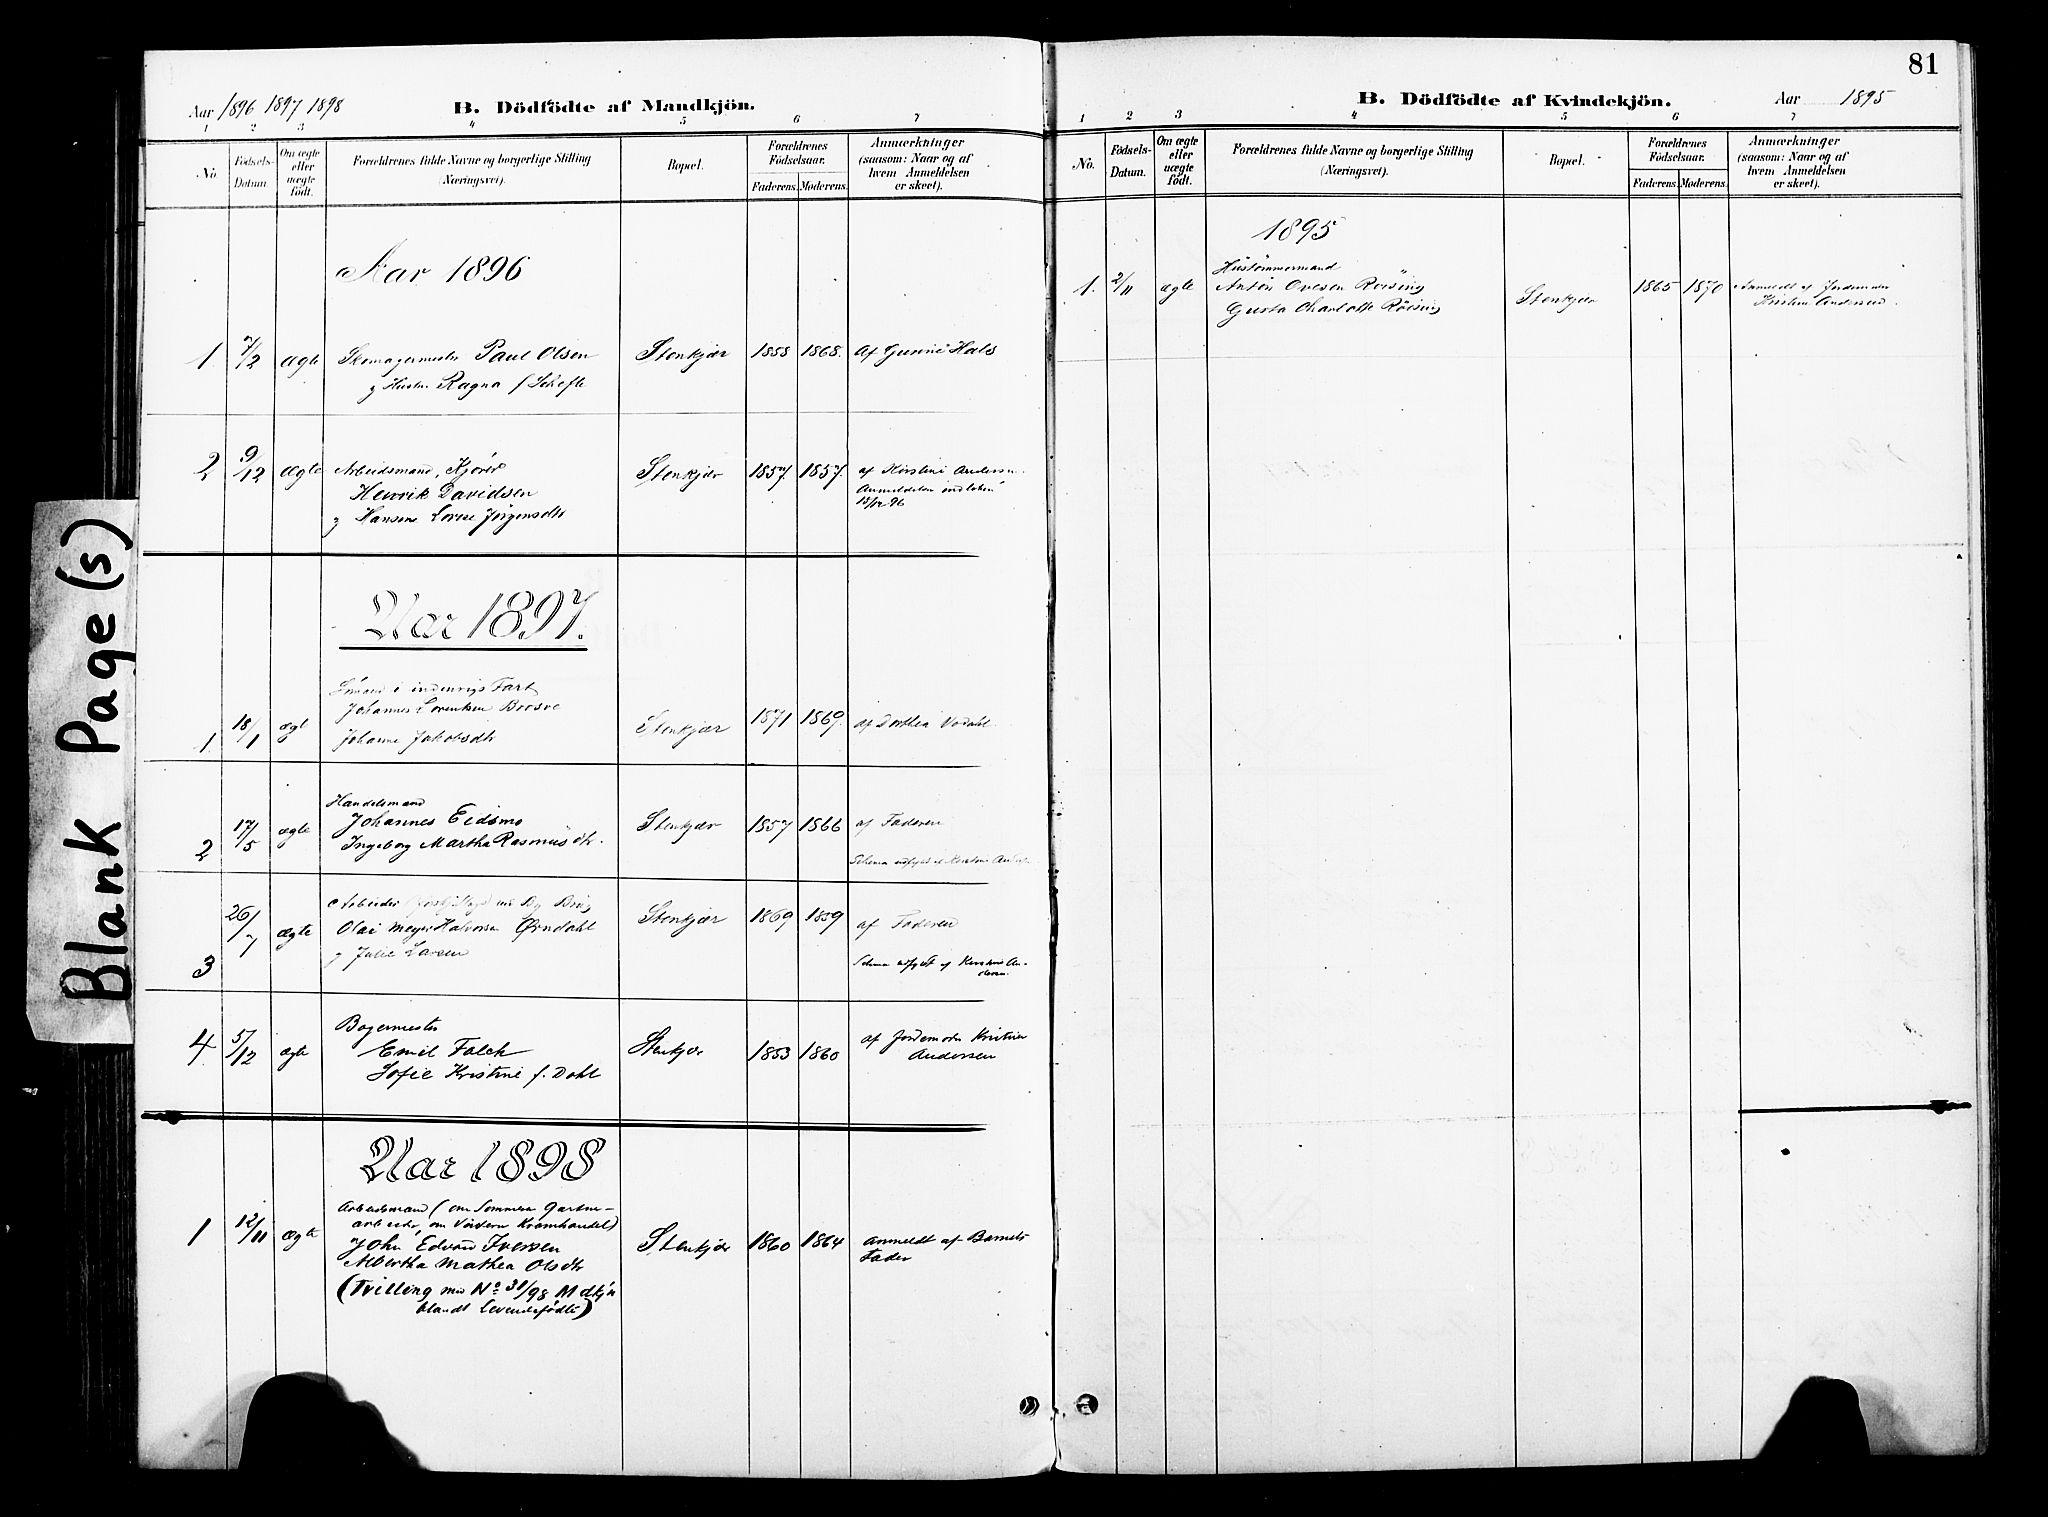 SAT, Ministerialprotokoller, klokkerbøker og fødselsregistre - Nord-Trøndelag, 739/L0372: Ministerialbok nr. 739A04, 1895-1903, s. 81